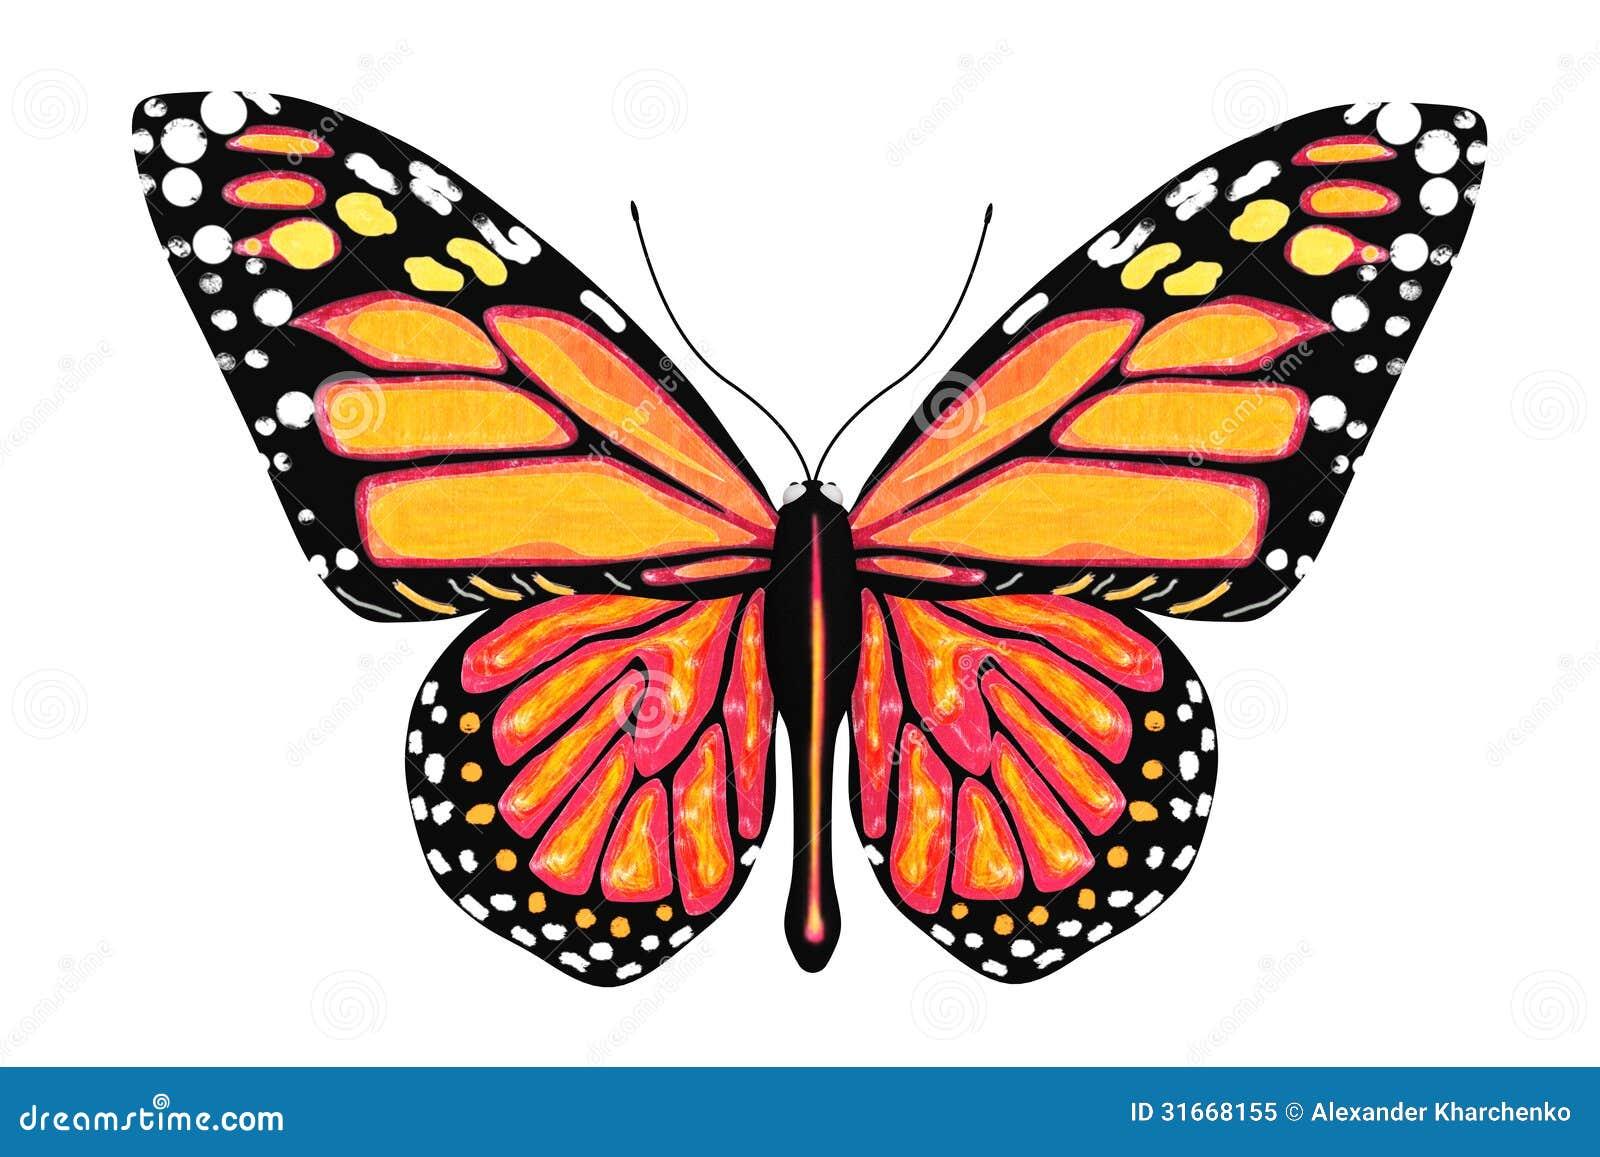 Mariposa con colores amarillos y anaranjados